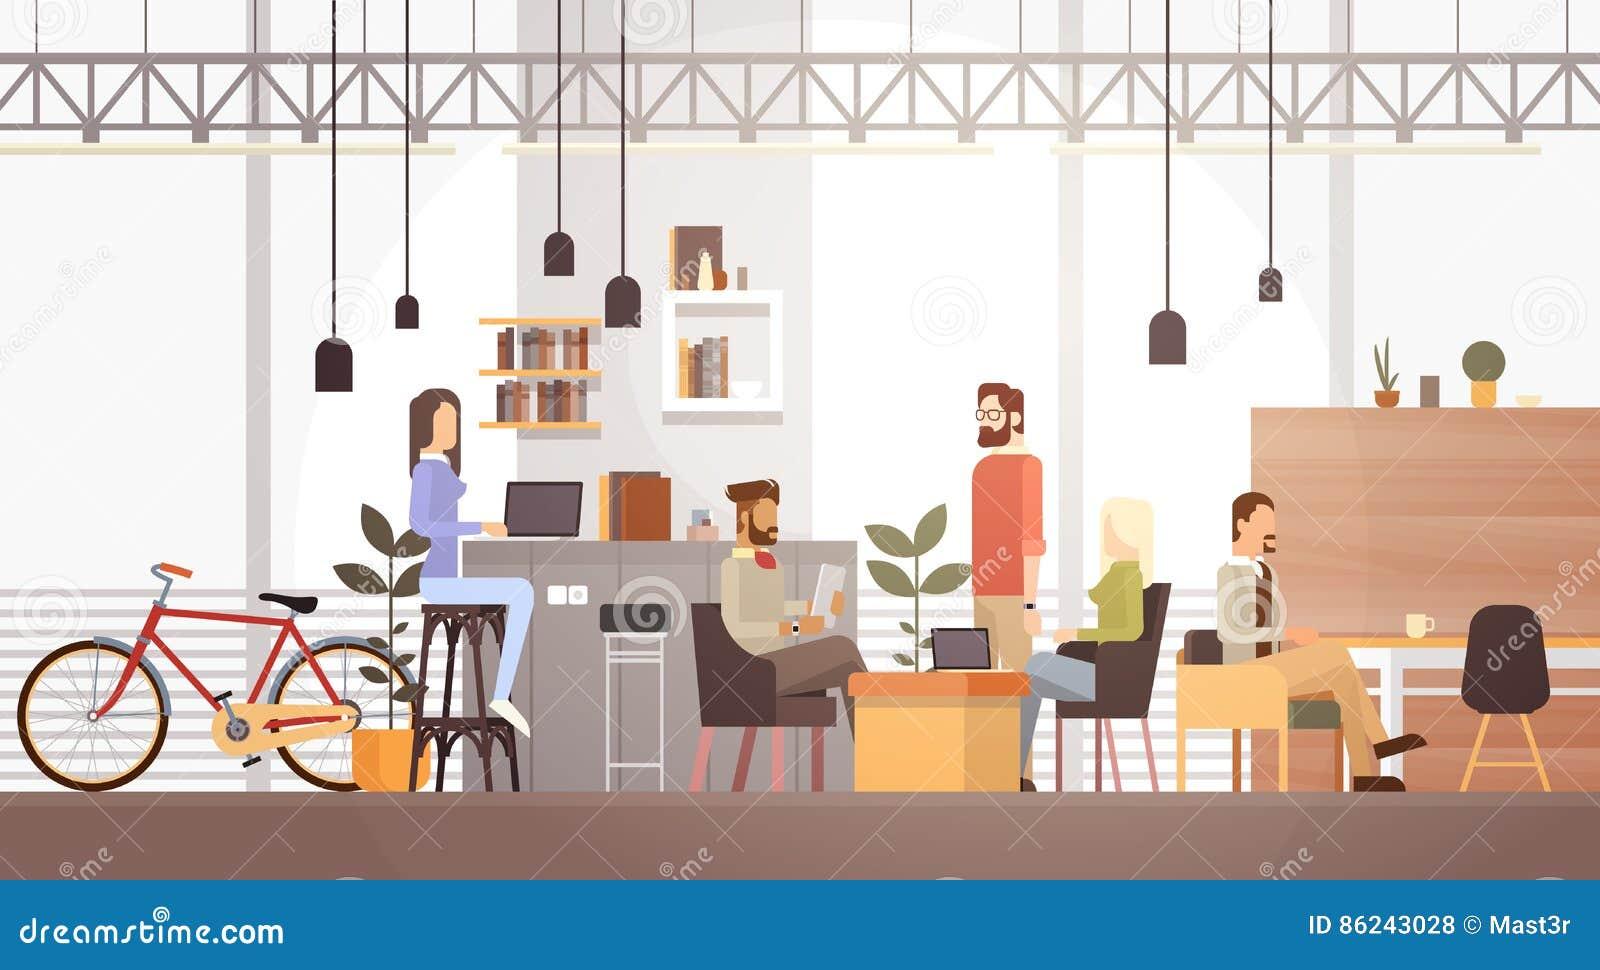 人们在共同工作中心大学现代工作场所内部的创造性的办公室